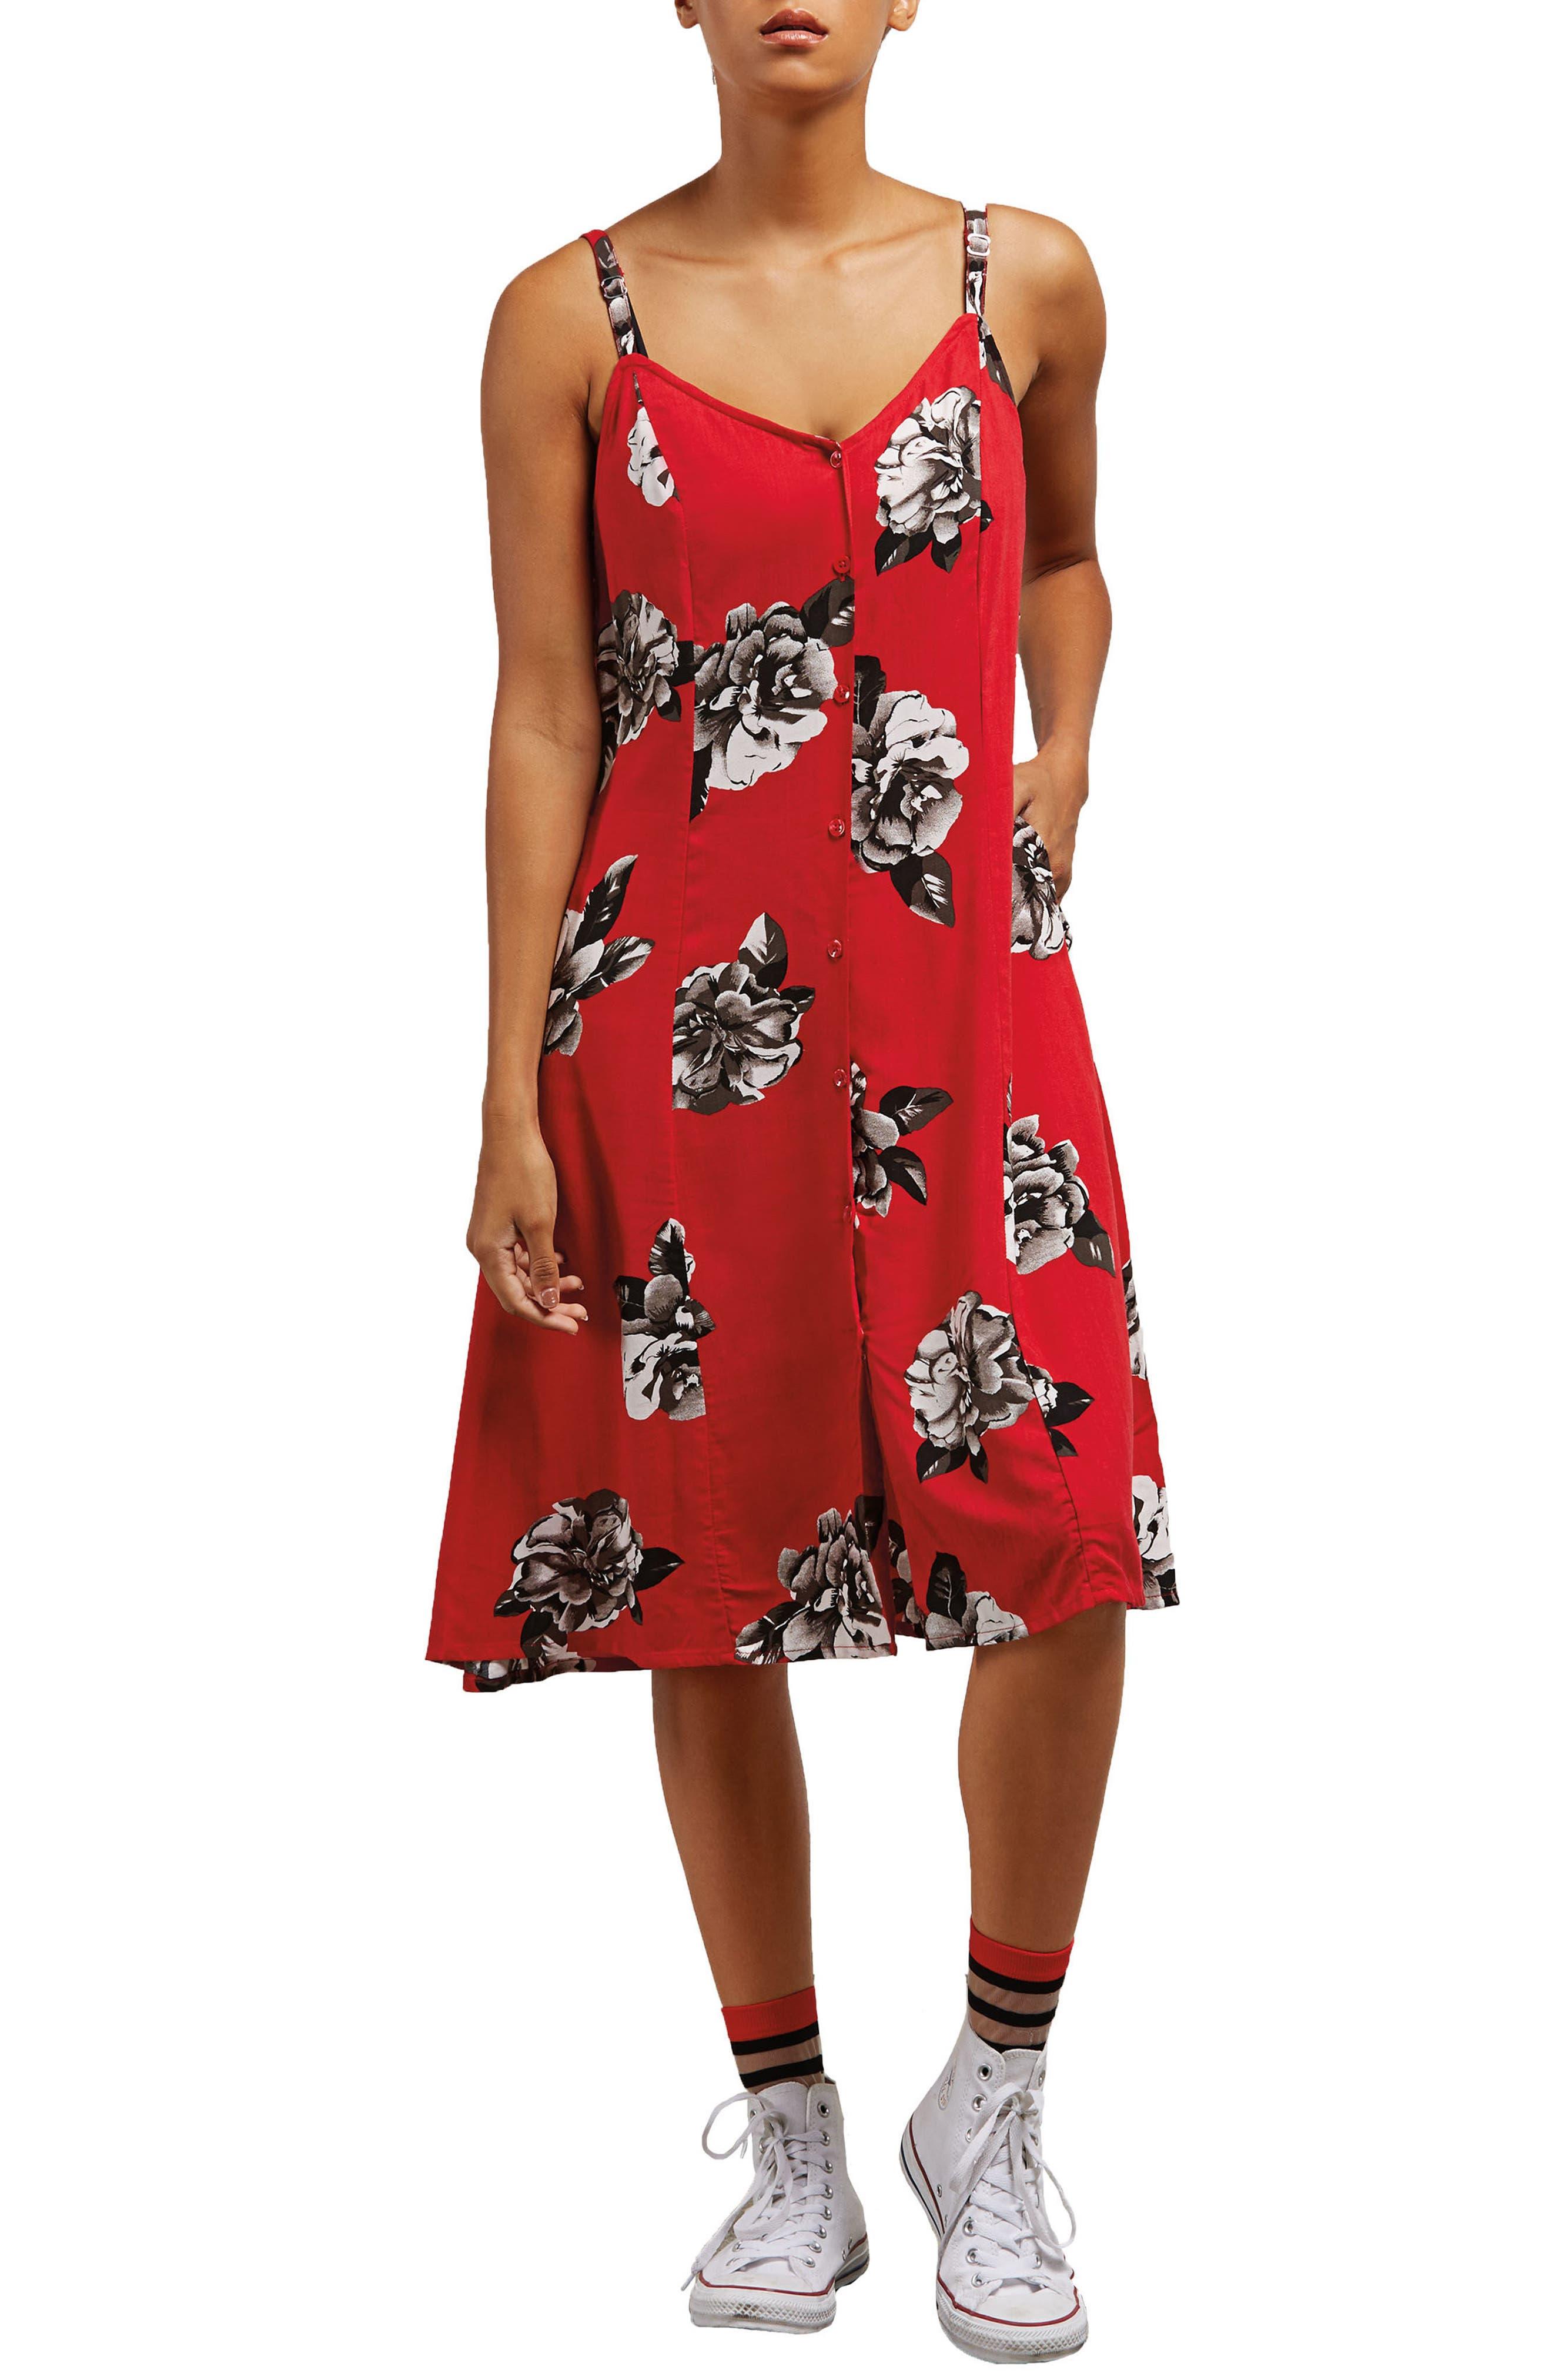 Volcom Canary Dress